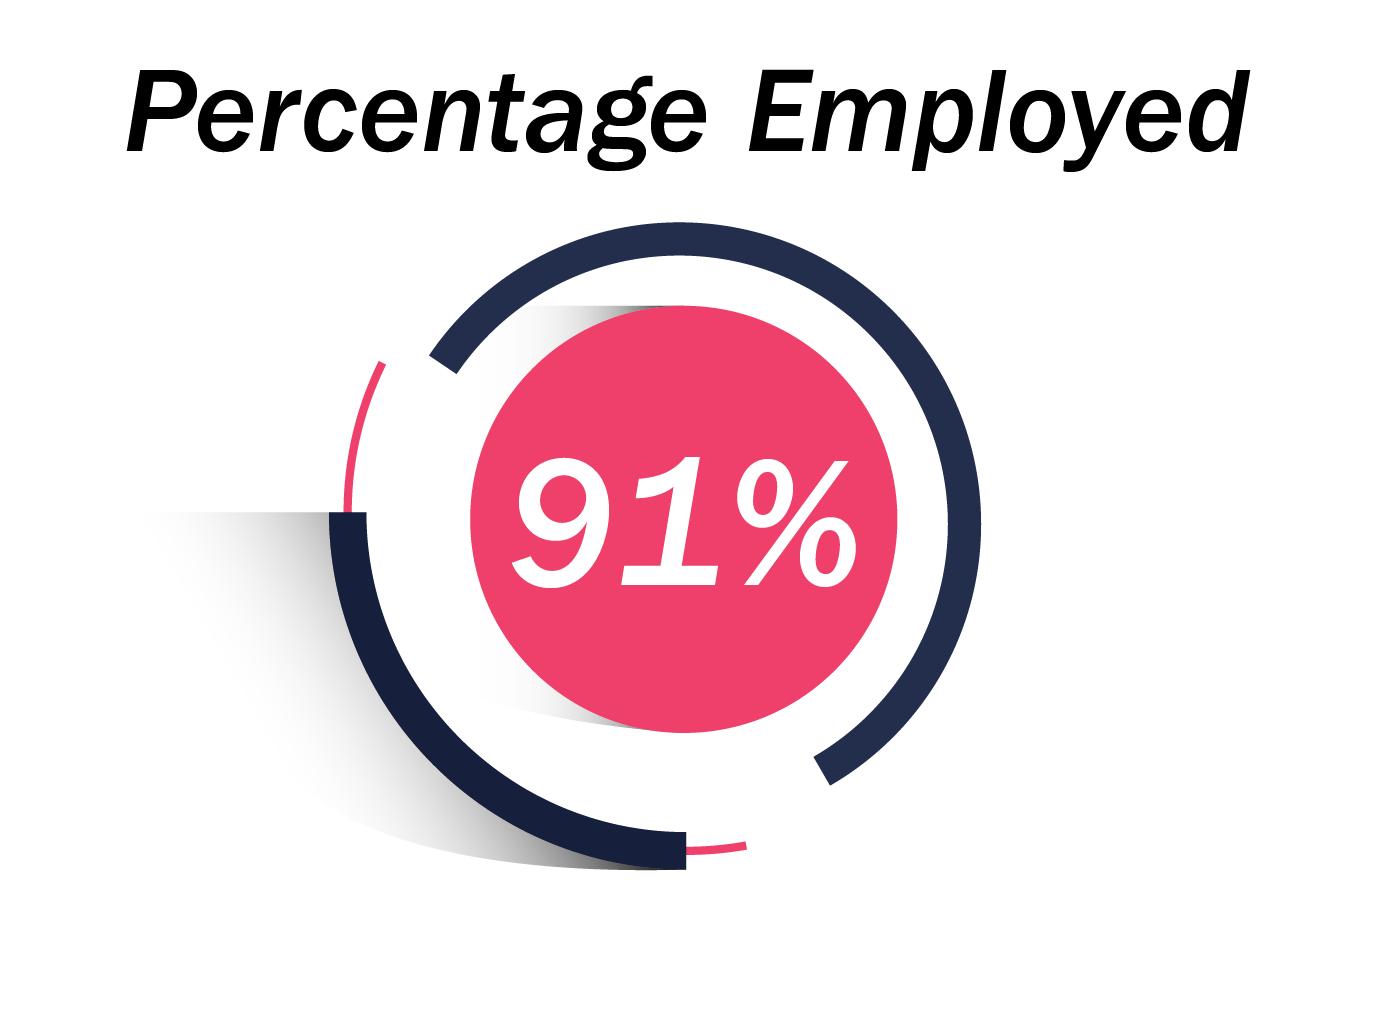 91% Employed